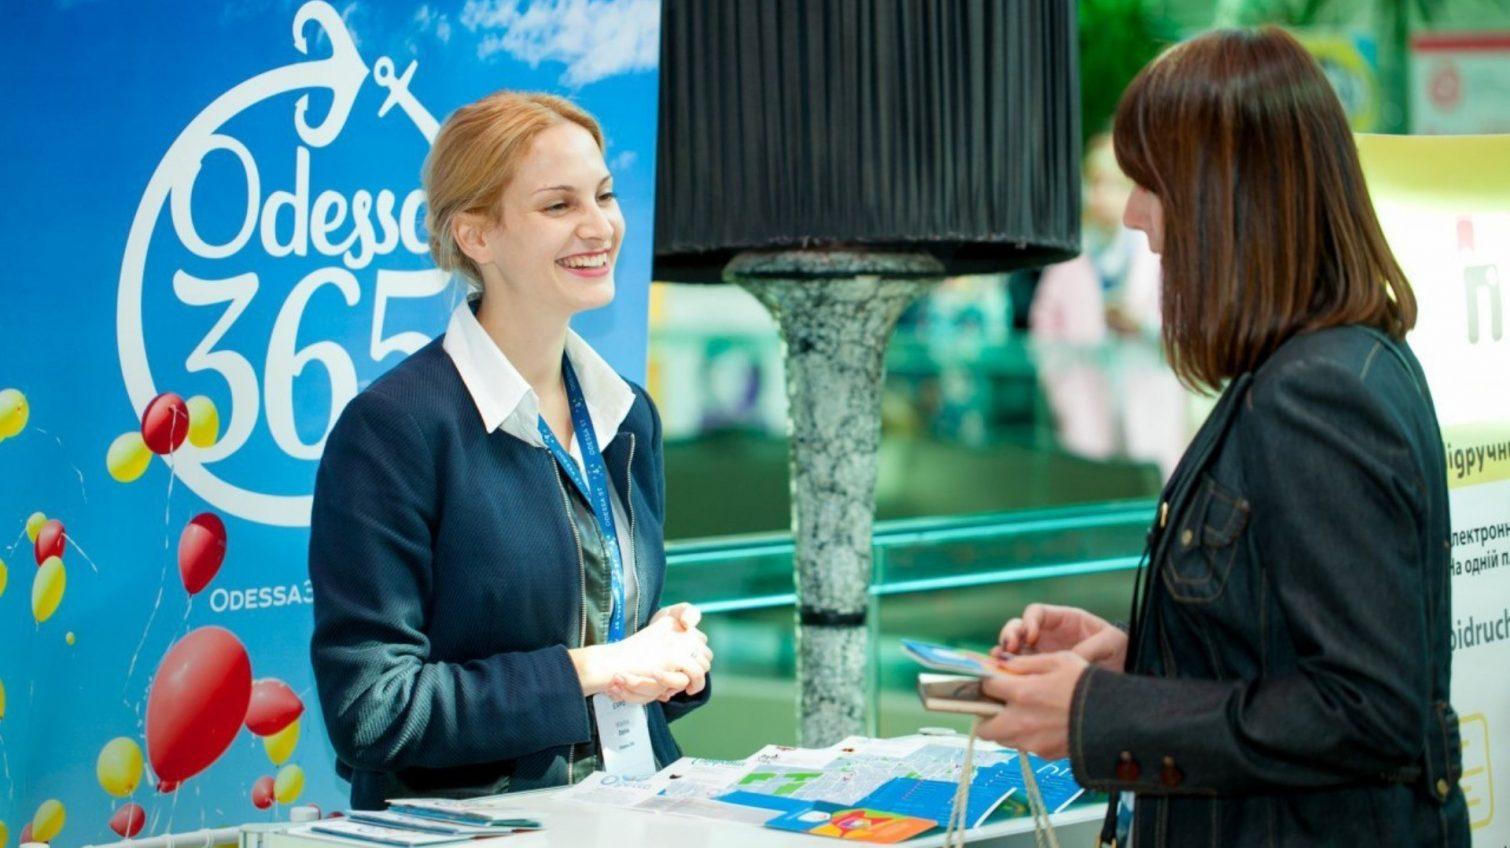 Из бюджета Одессы выделят почти 3 миллиона на бизнес-форум: деньги получит продюсер Евровидения «фото»